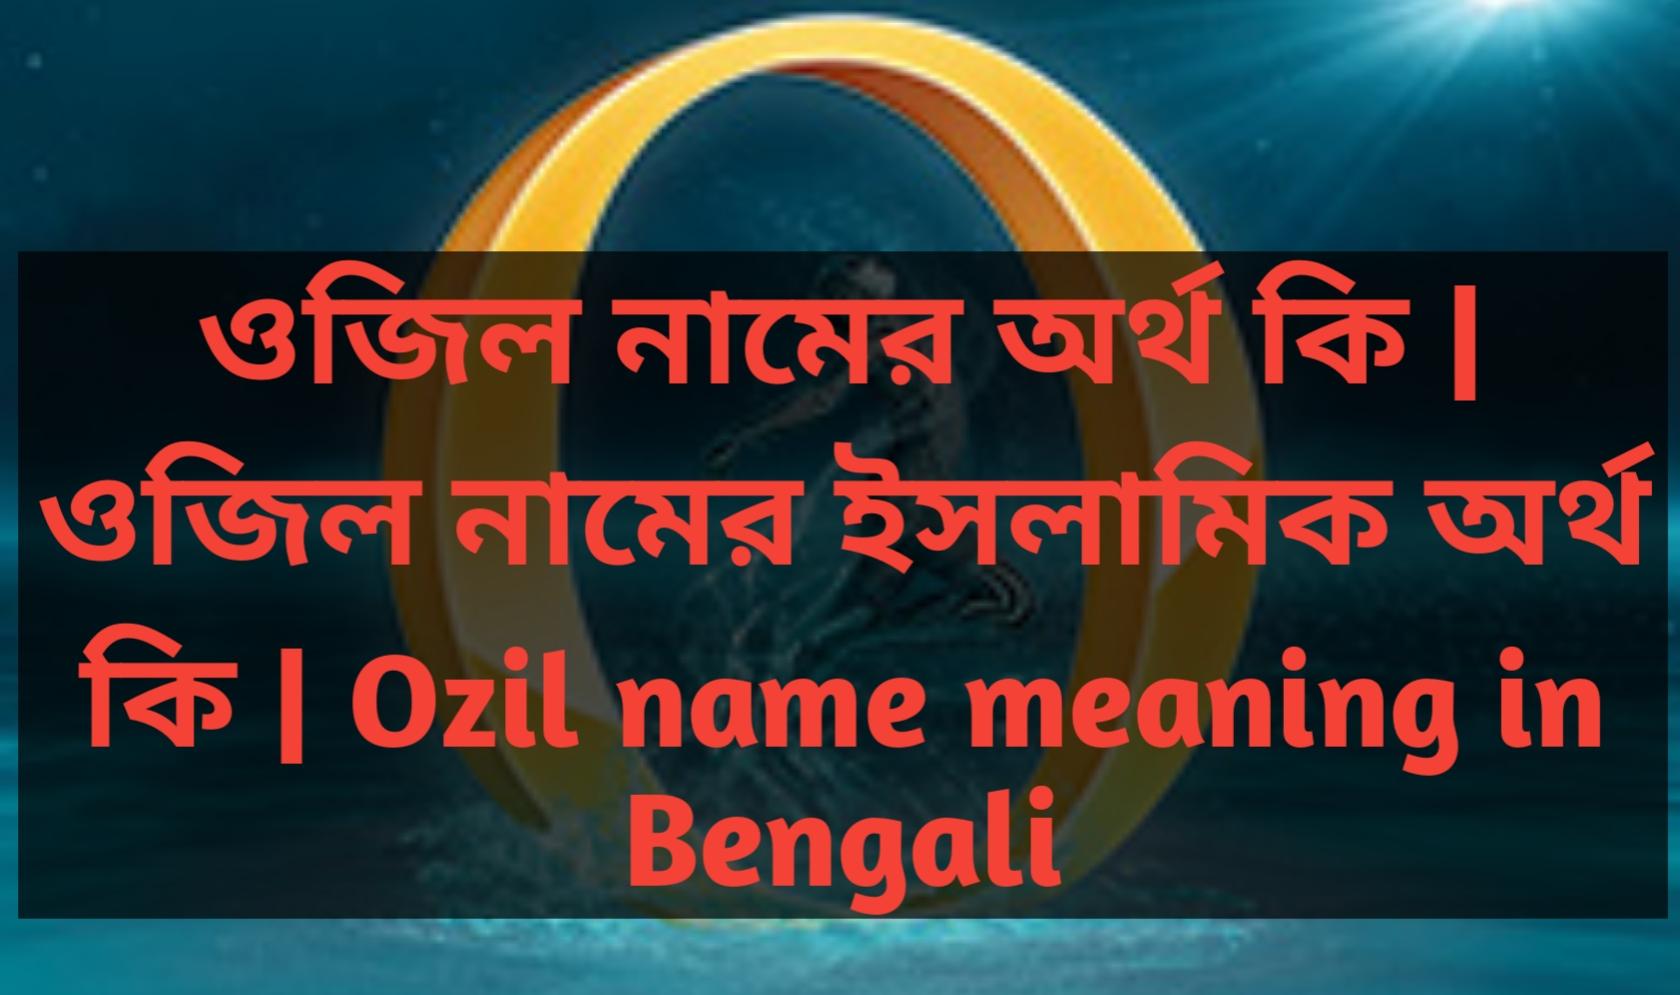 ozil name meaning in Bengali, ওজিল নামের অর্থ কি, ওজিল নামের বাংলা অর্থ কি, ওজিল নামের ইসলামিক অর্থ কি,